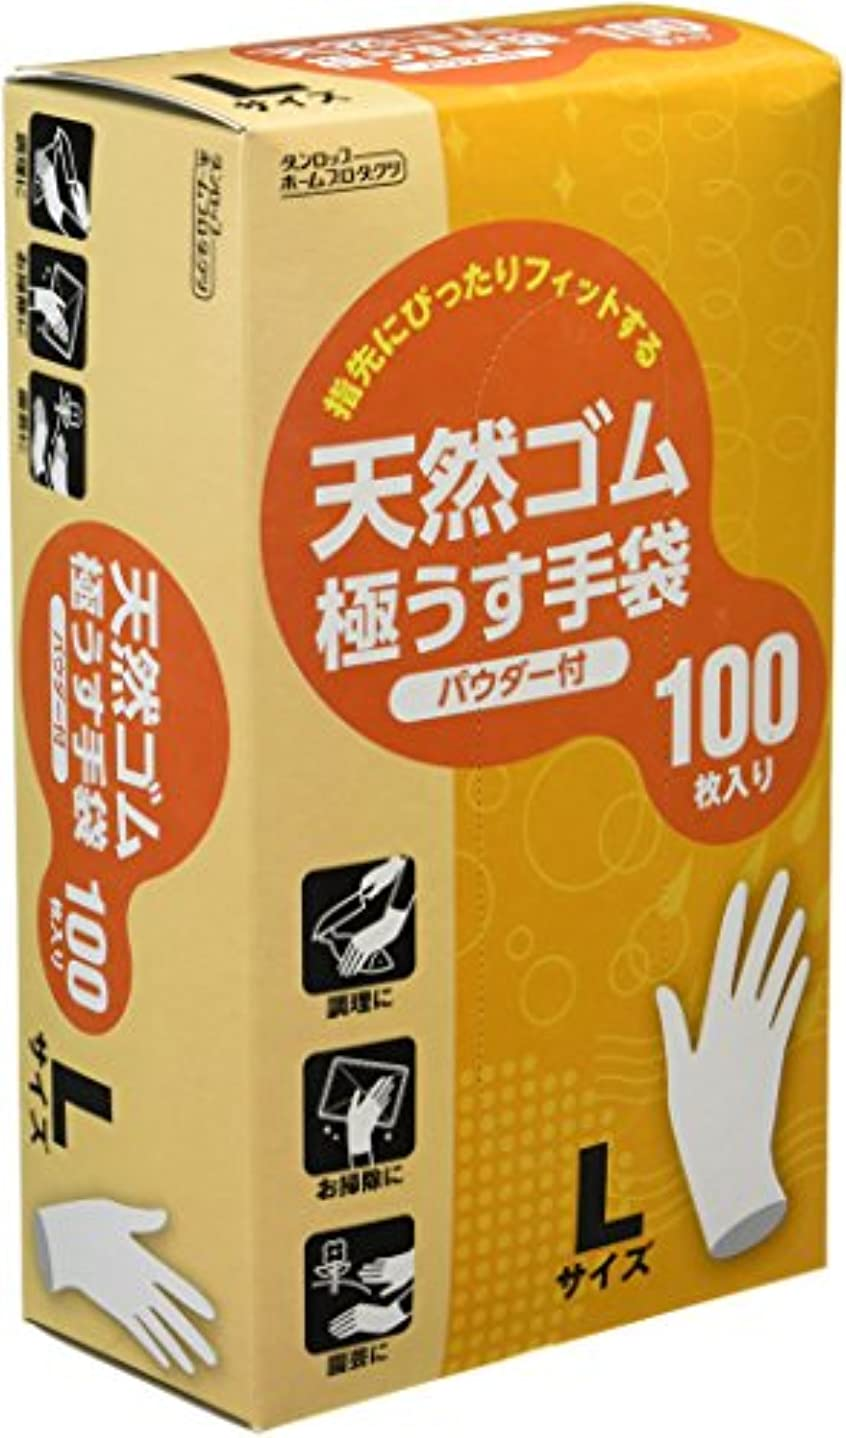 削減時計重要性ダンロップ 天然ゴム極うす手袋 パウダー付 Lサイズ 100枚入